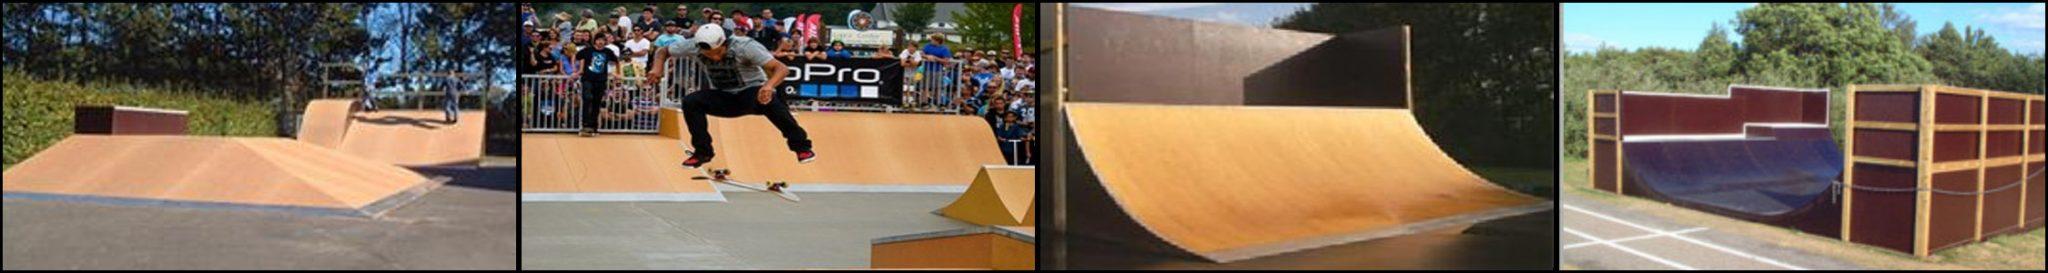 skateboard baner